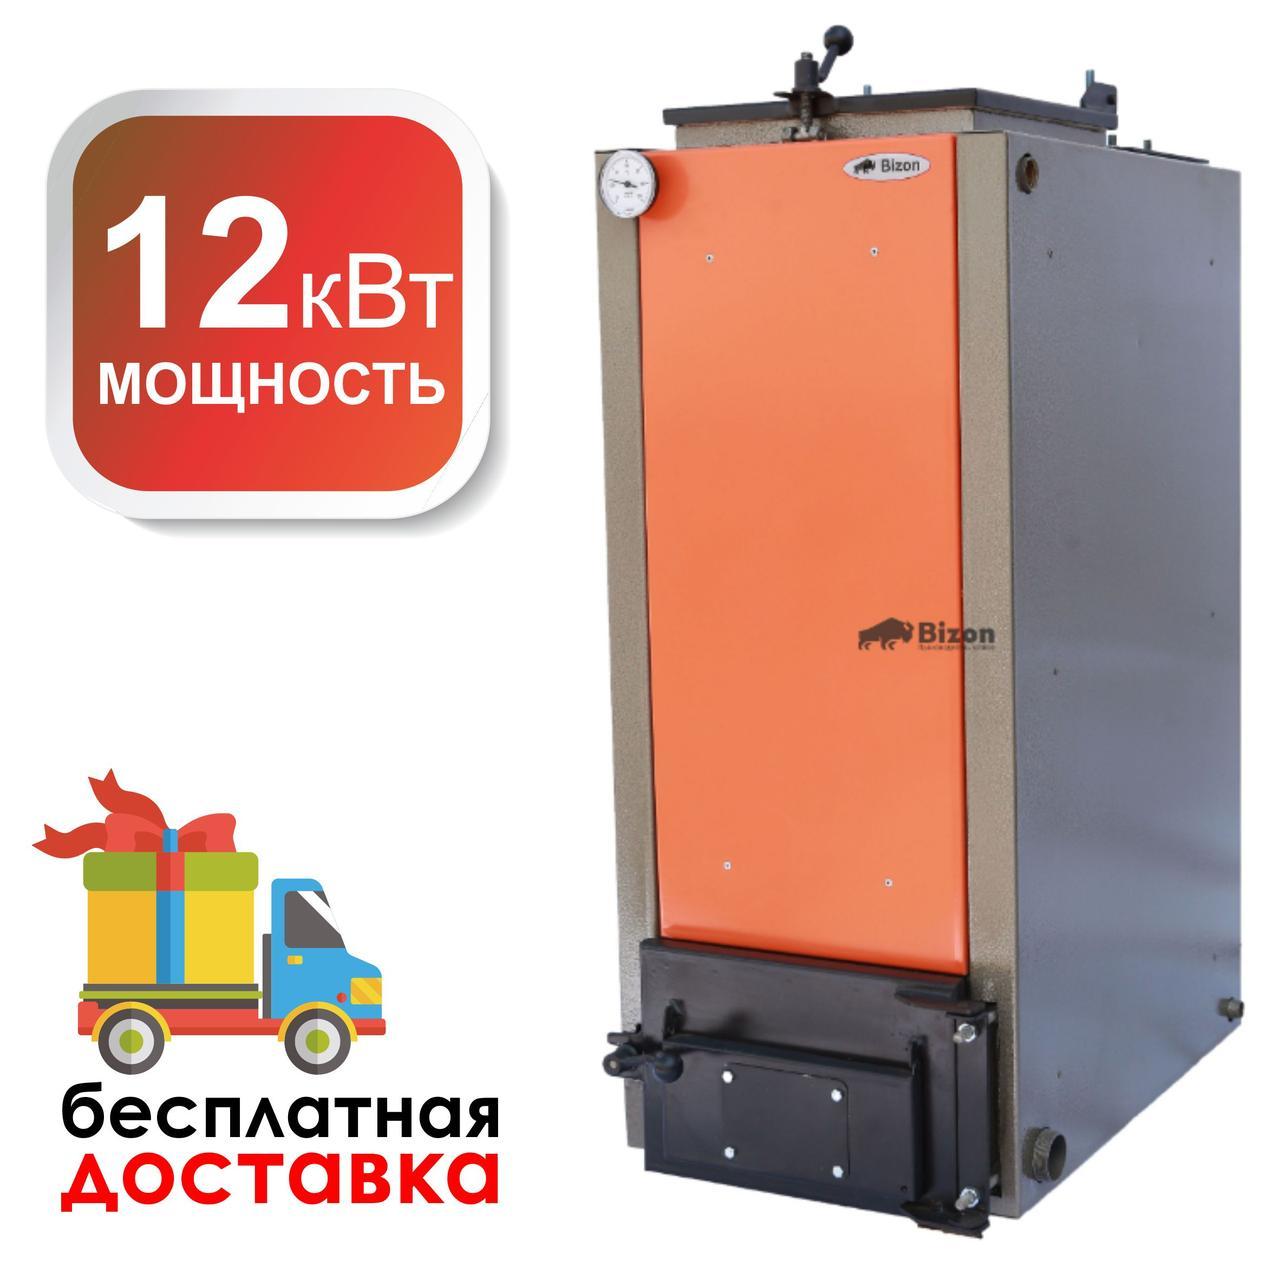 Твердотопливный котел Холмова Бизон Еко Термо 12 квт